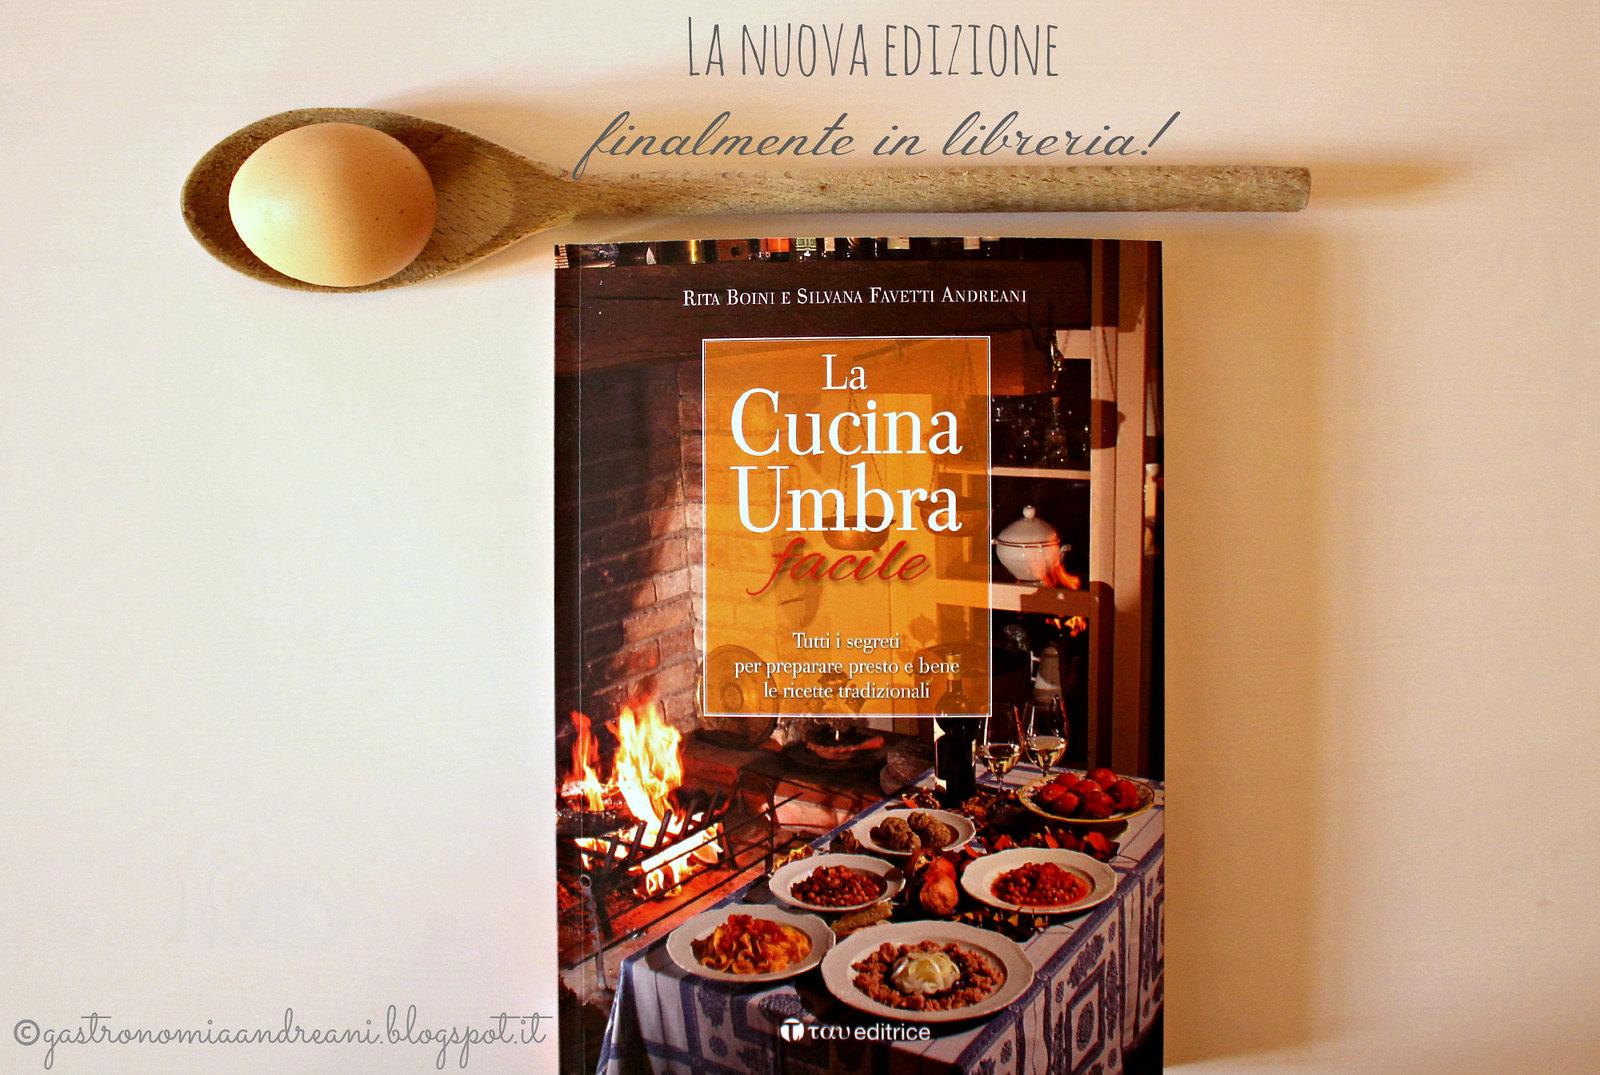 La Cucina Umbra facile - Rita Boini e Silvana Favetti Andreani - nuova edizione